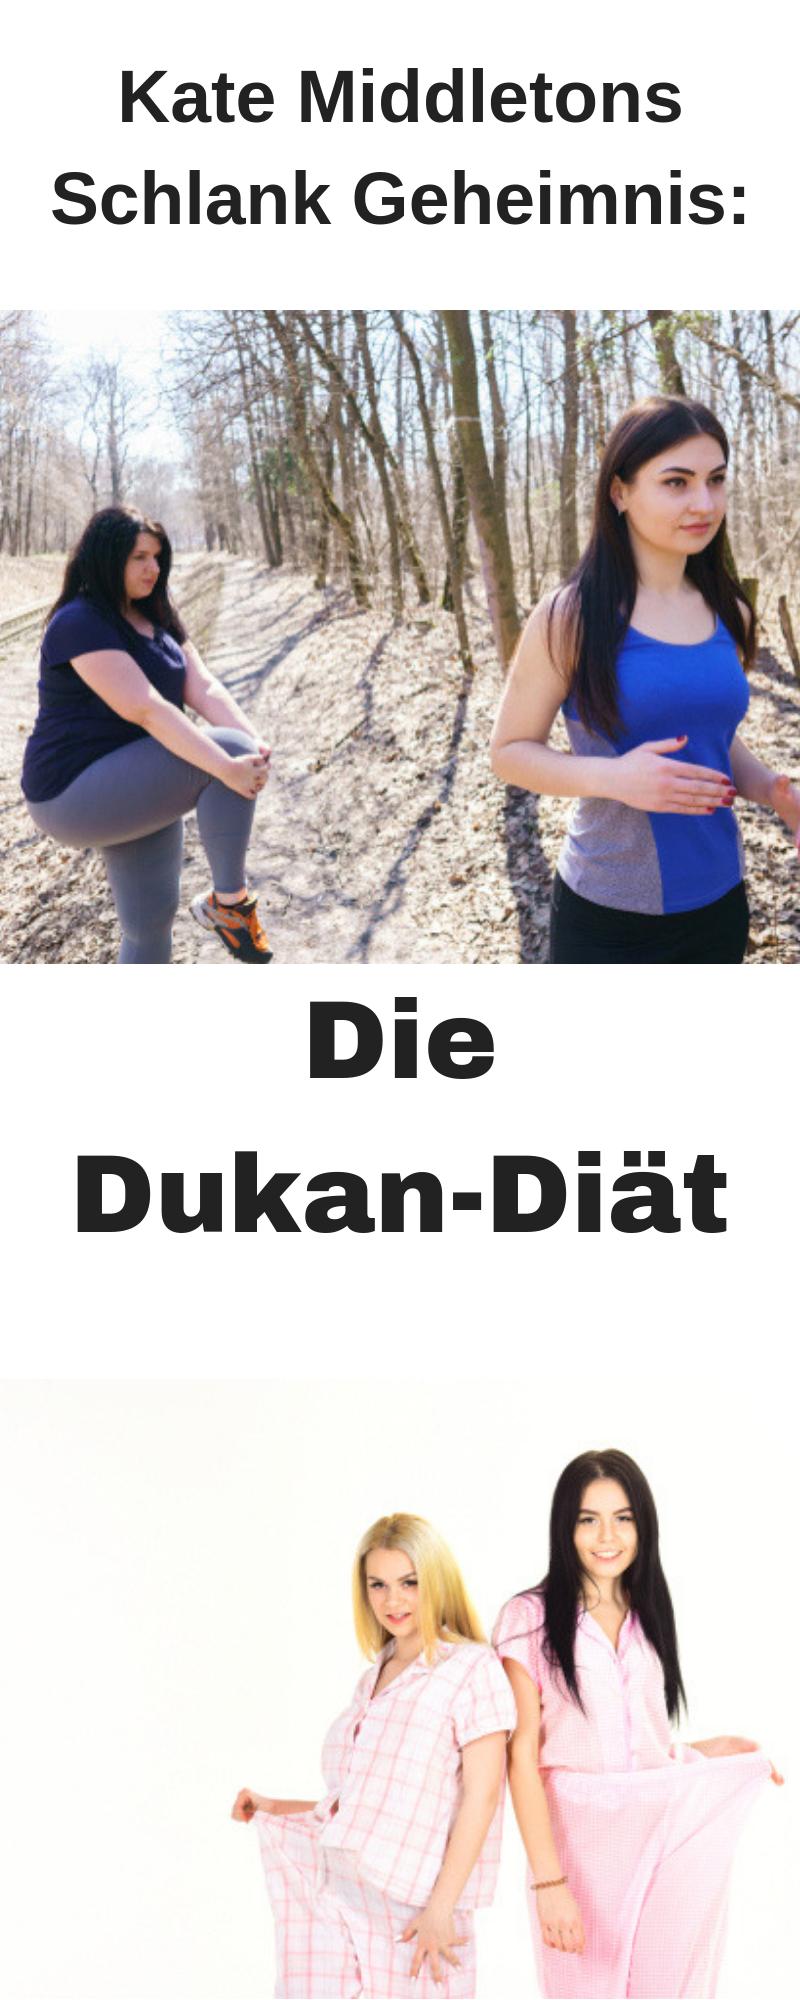 Wie viel Gewicht können Sie mit der Dukan-Diät verlieren